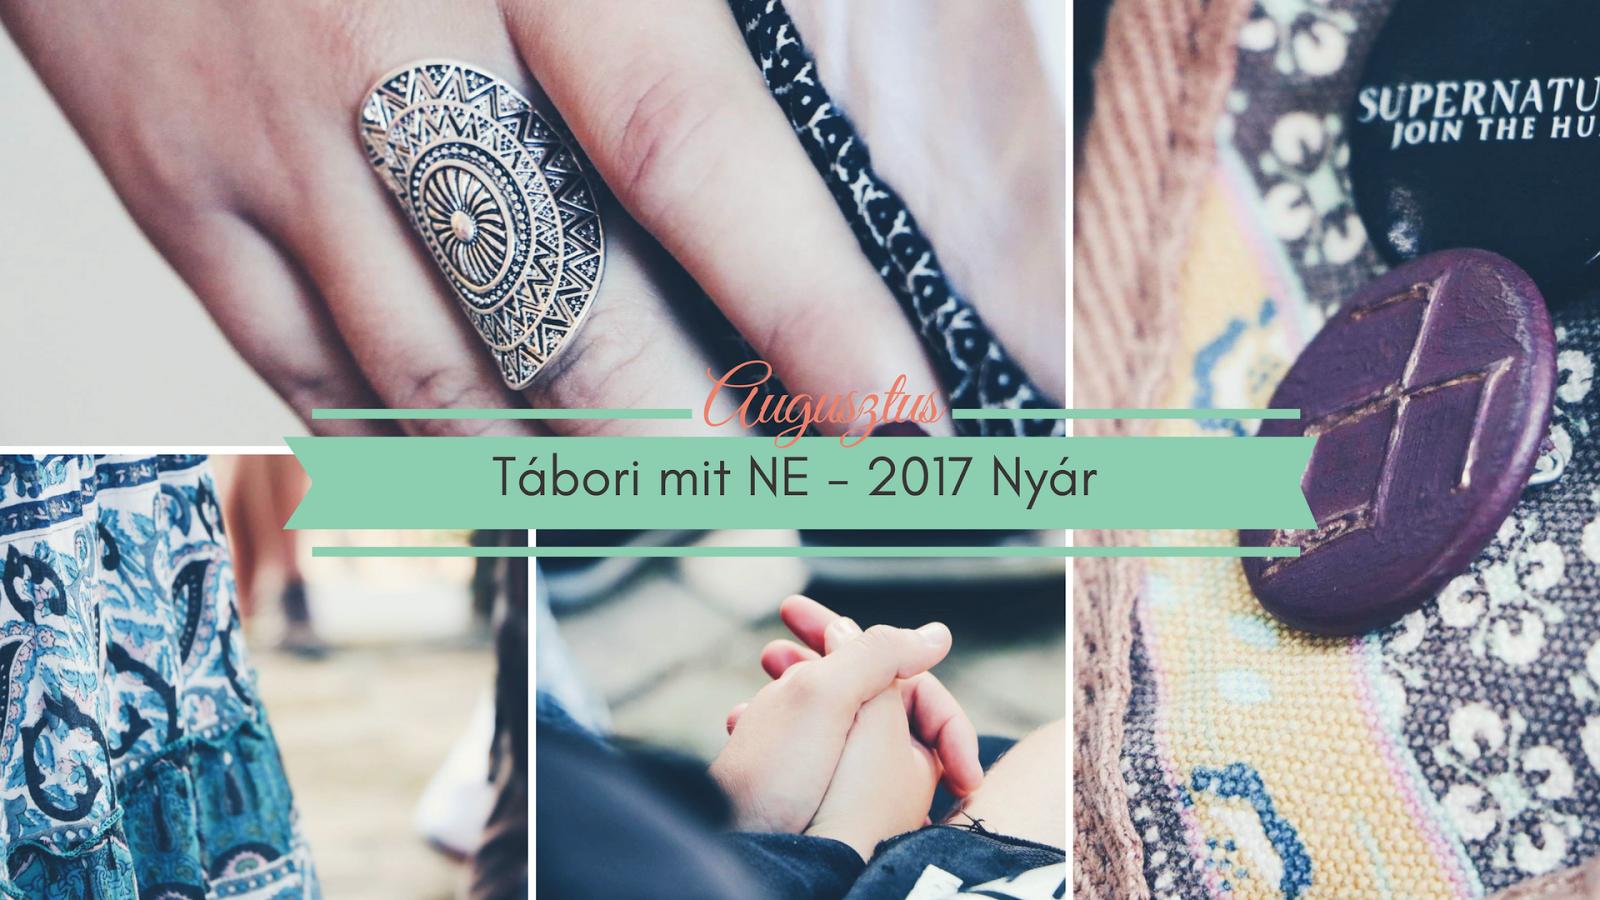 Tabori mit NE - 2017 nyar